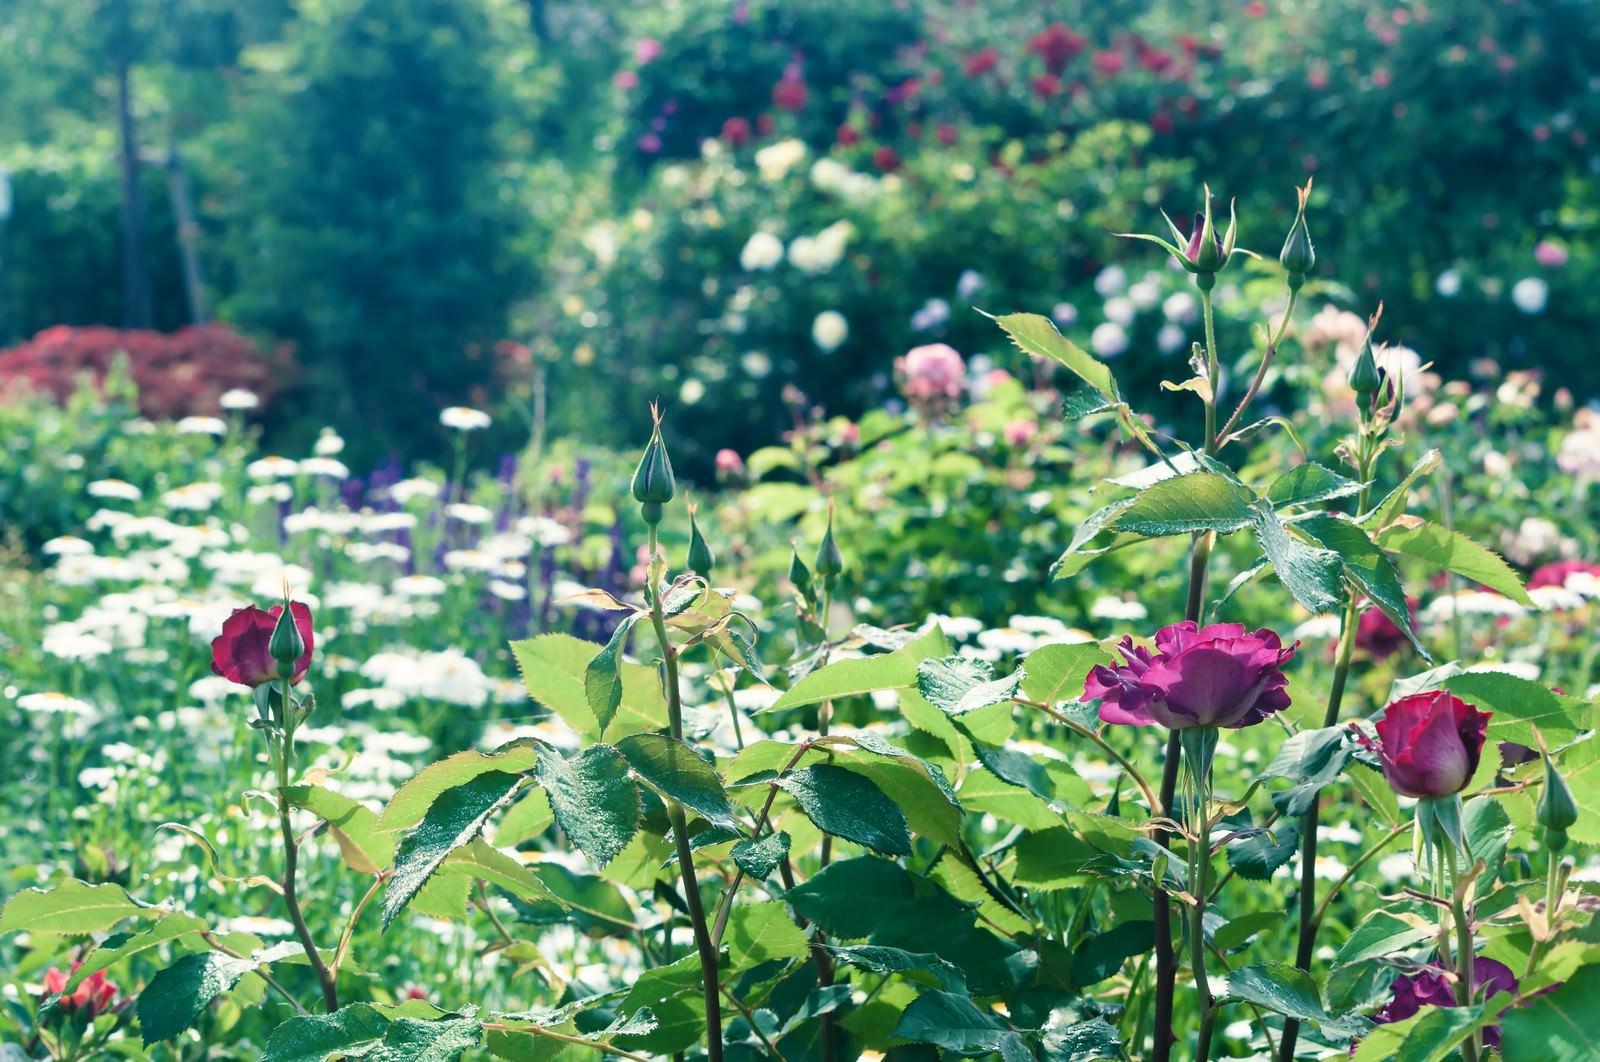 「薔薇の咲く庭」の写真